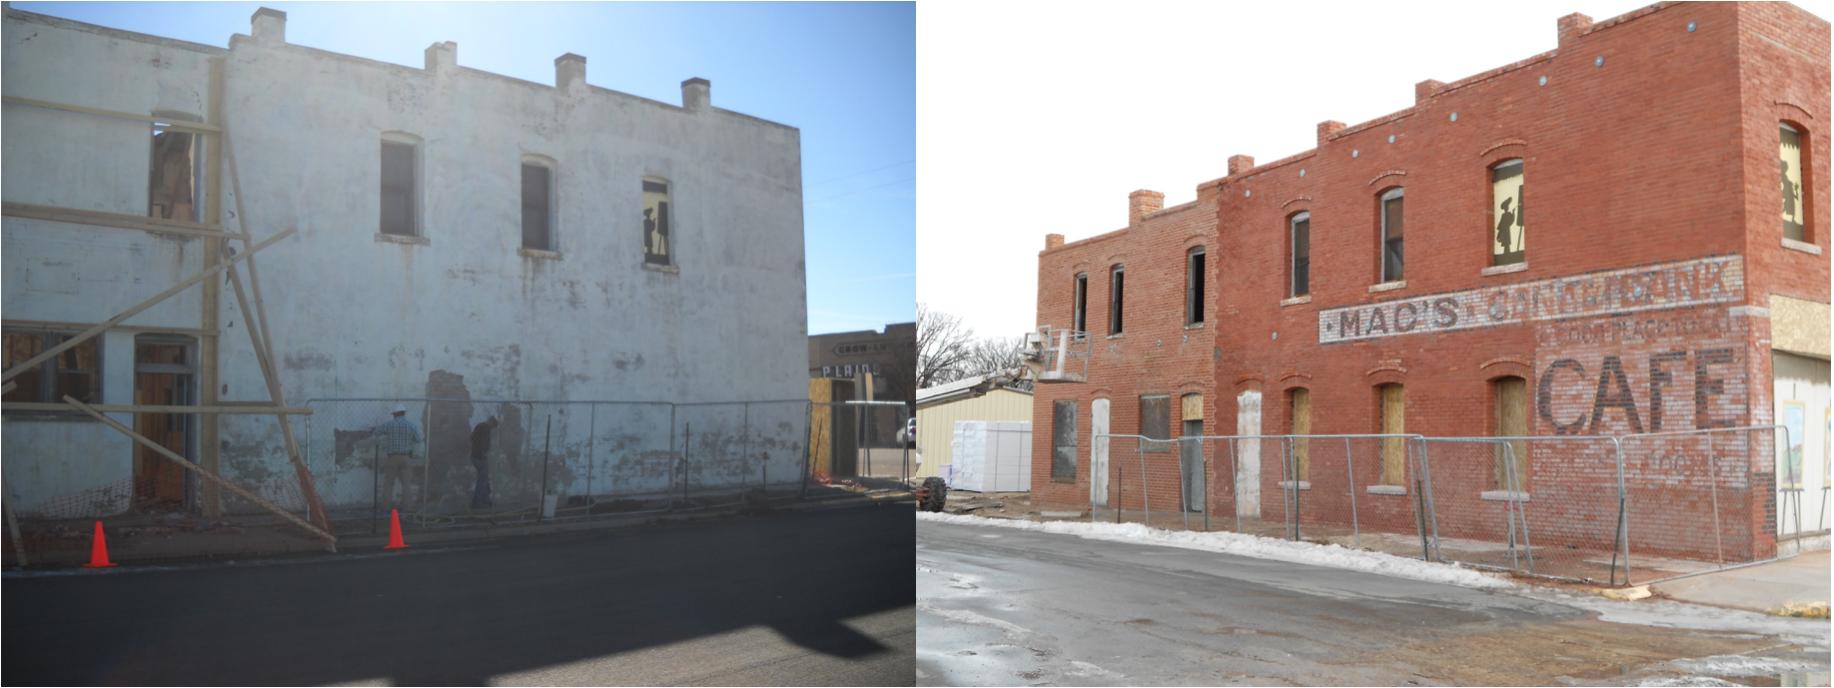 Murdock Building (Eads, CO)